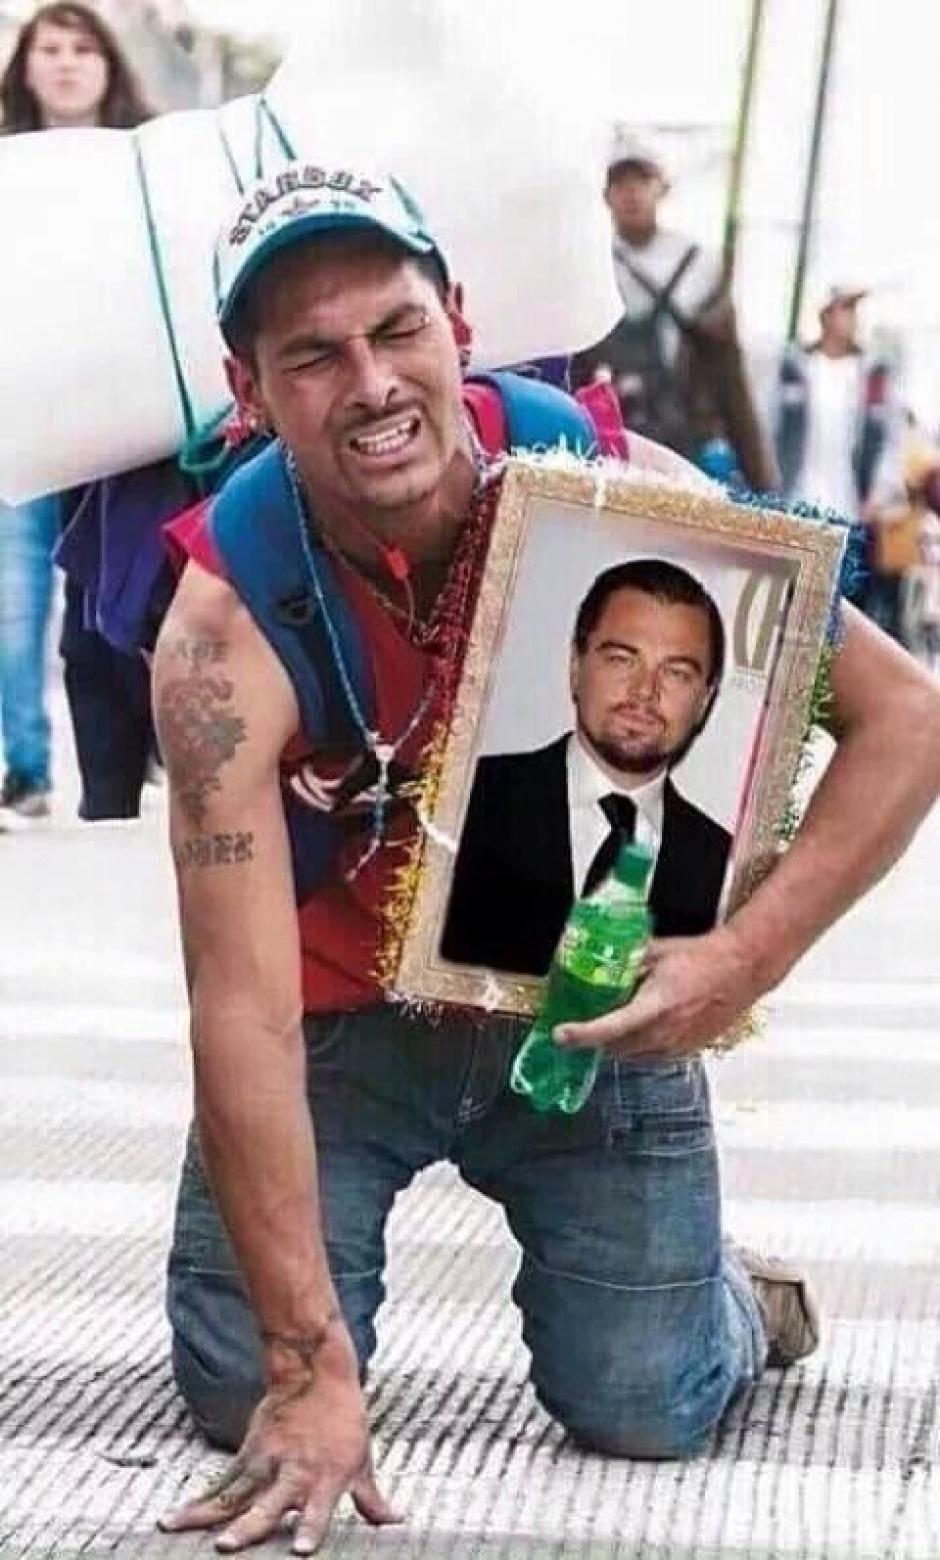 Hay quienes llevaron el tema de DiCaprio muy lejos. (Foto: Twitter)